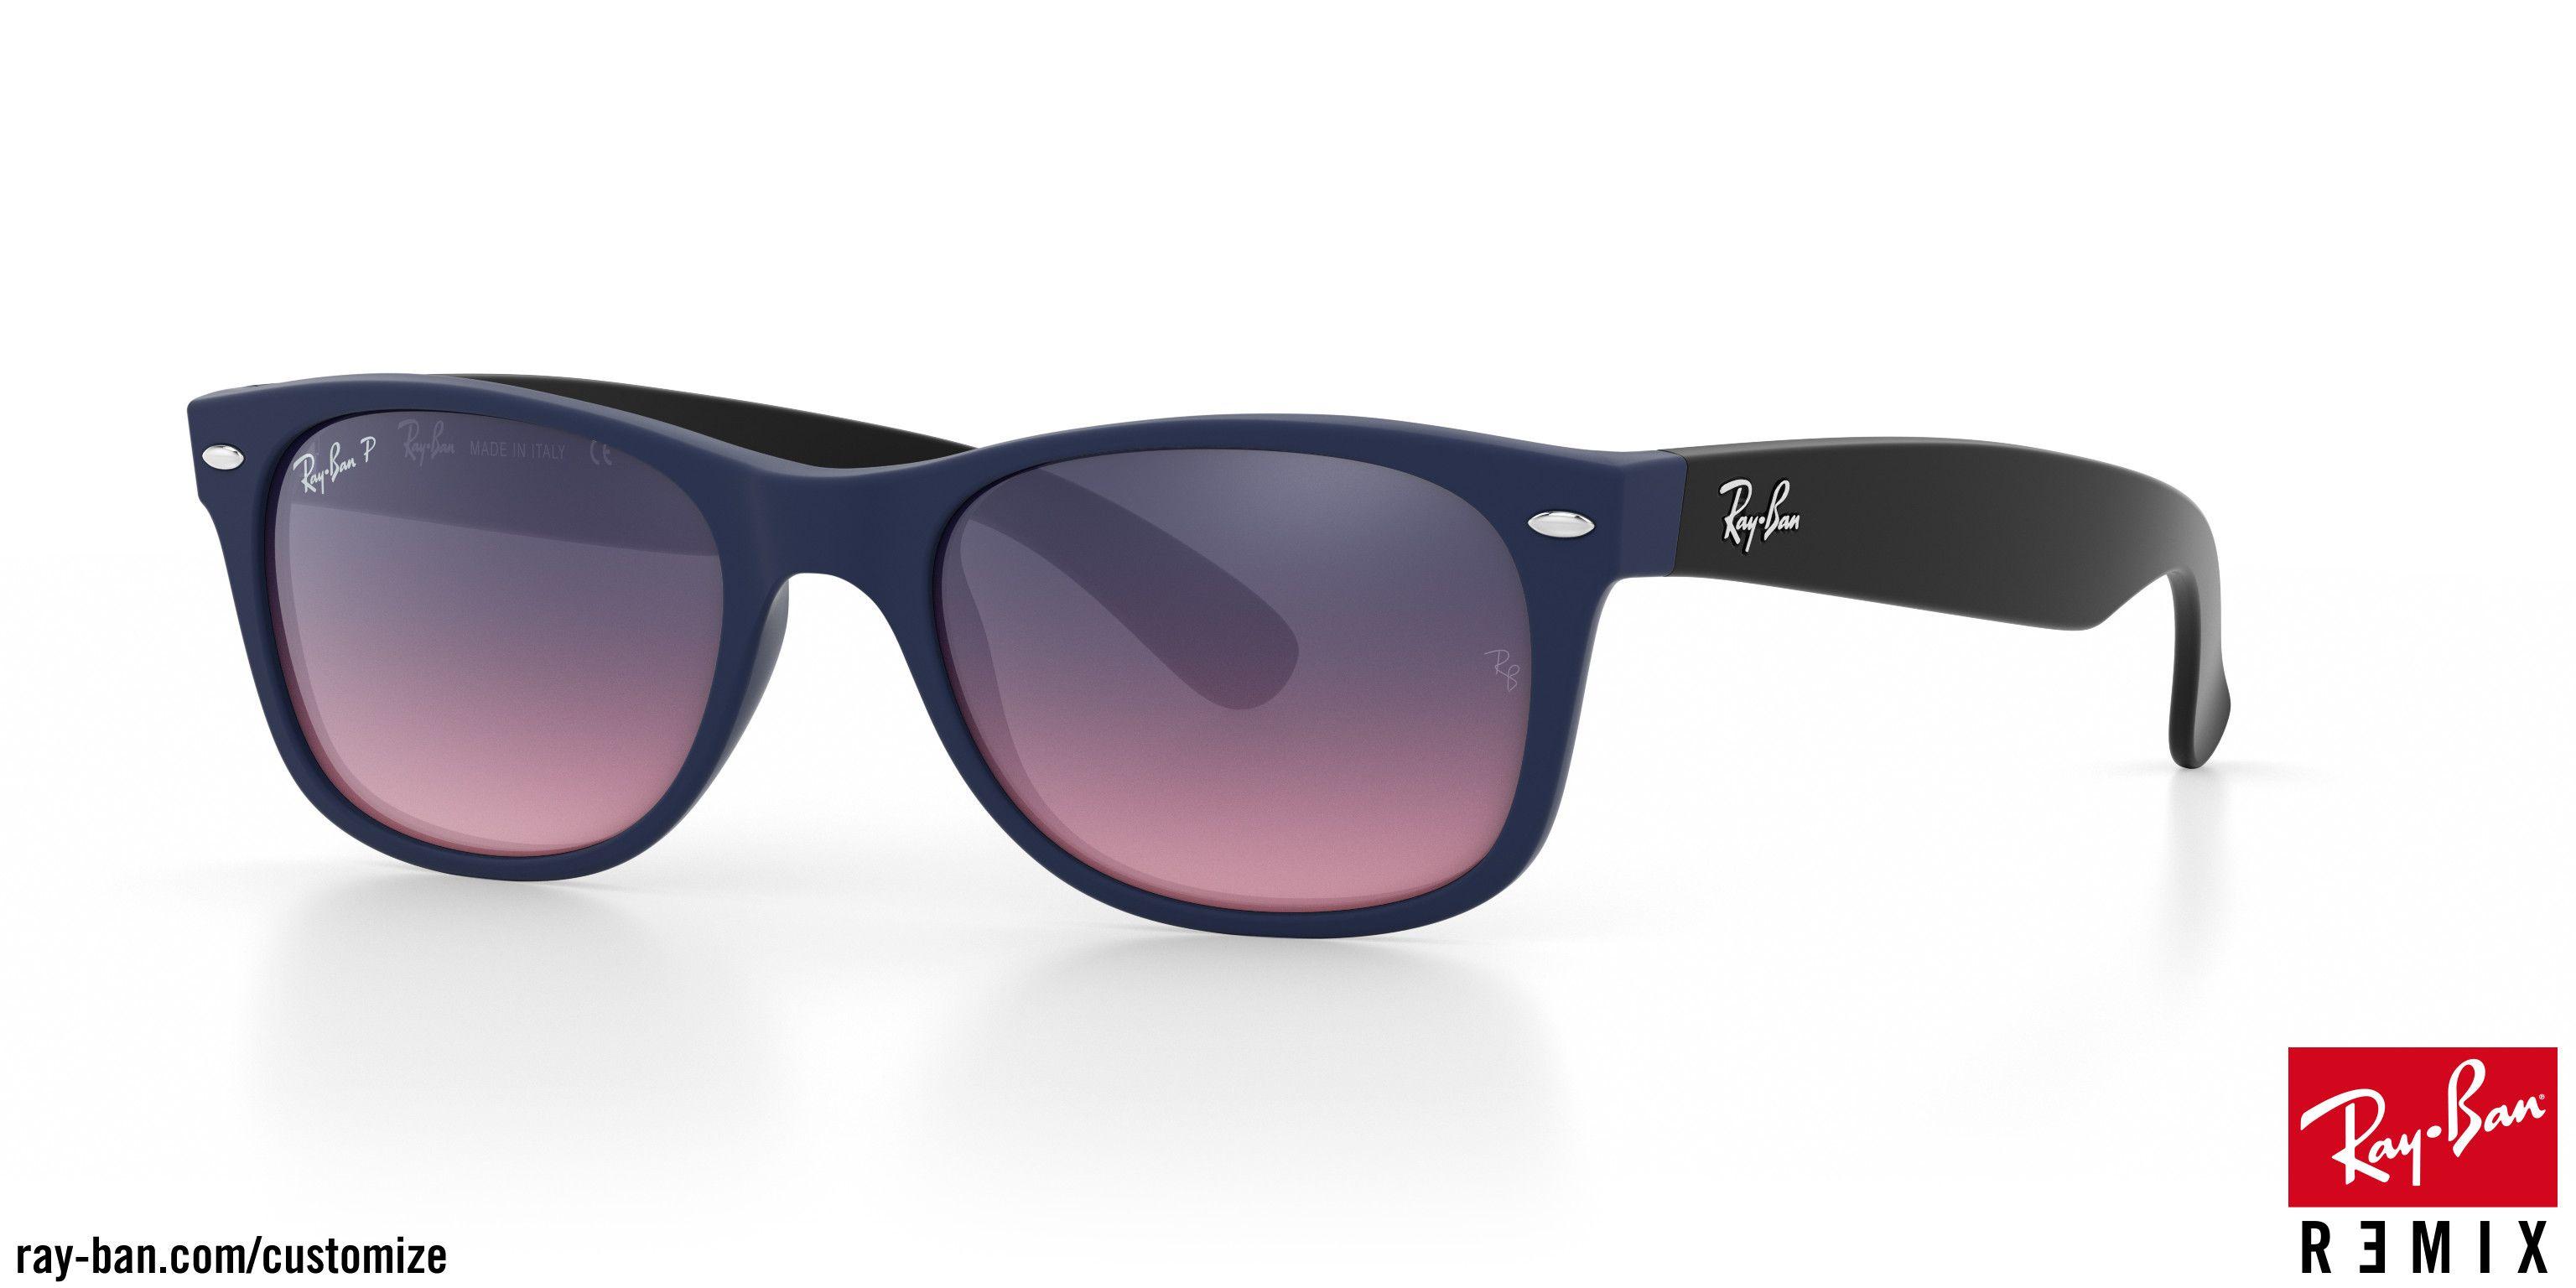 65602bbba3 Regardez qui s intéresse à ces nouvelles Ray-Ban new wayfarer lunettes de  soleil